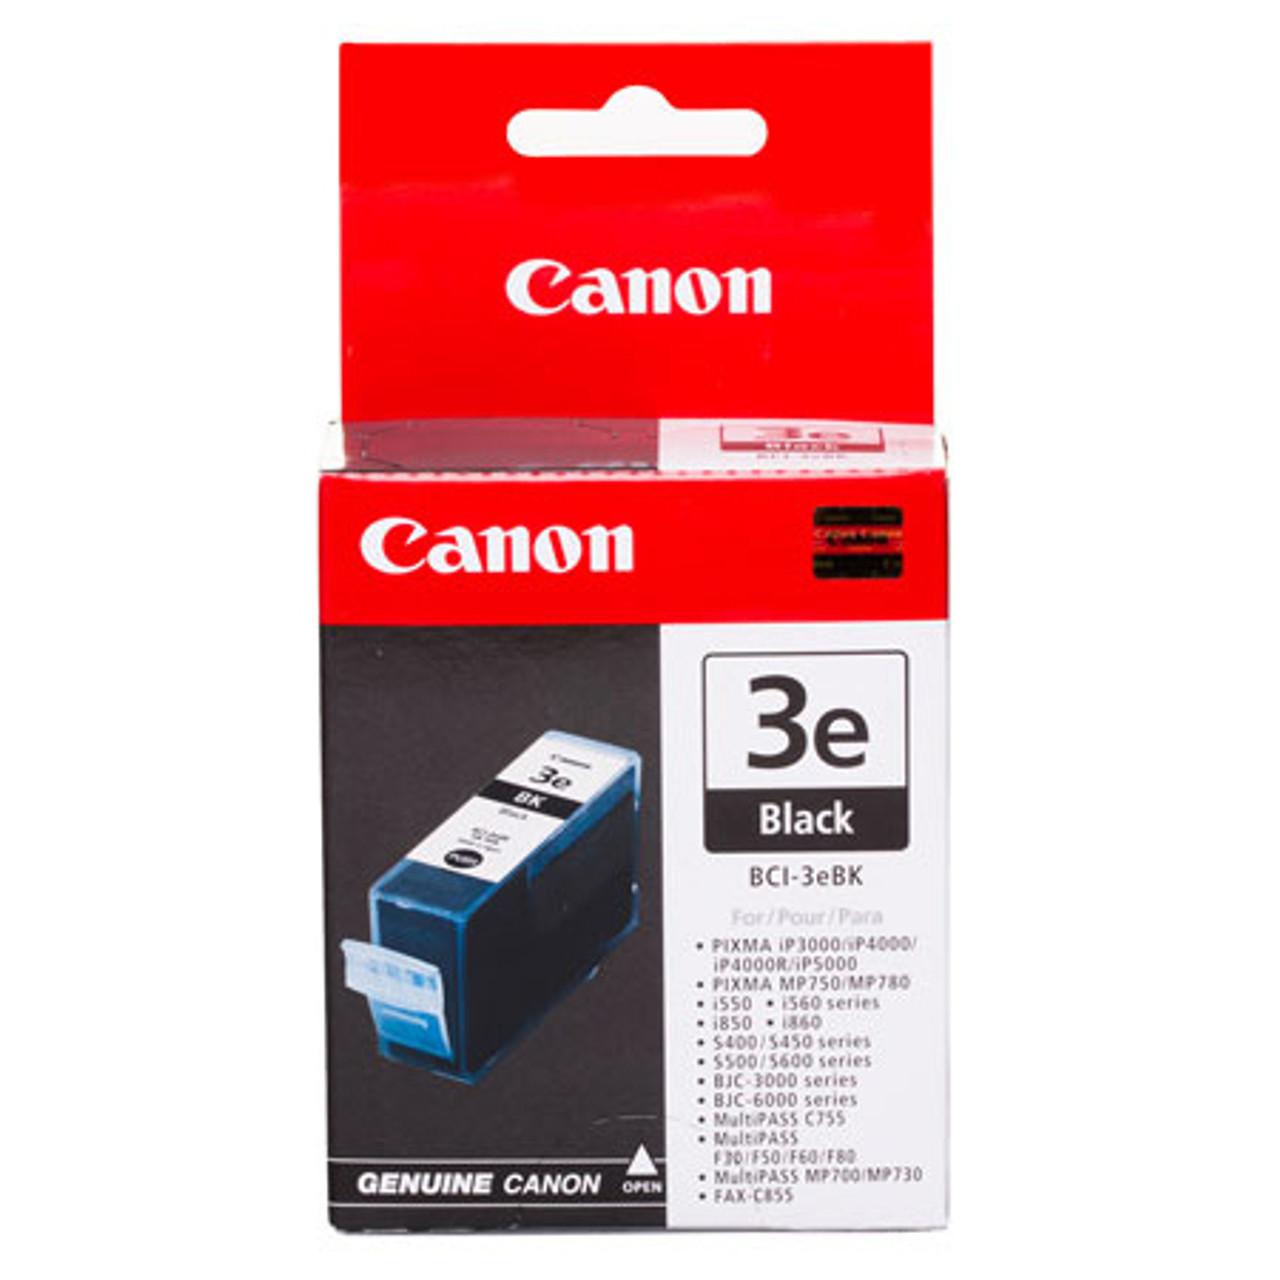 CANON BCI-3E - BLACK INK TANK